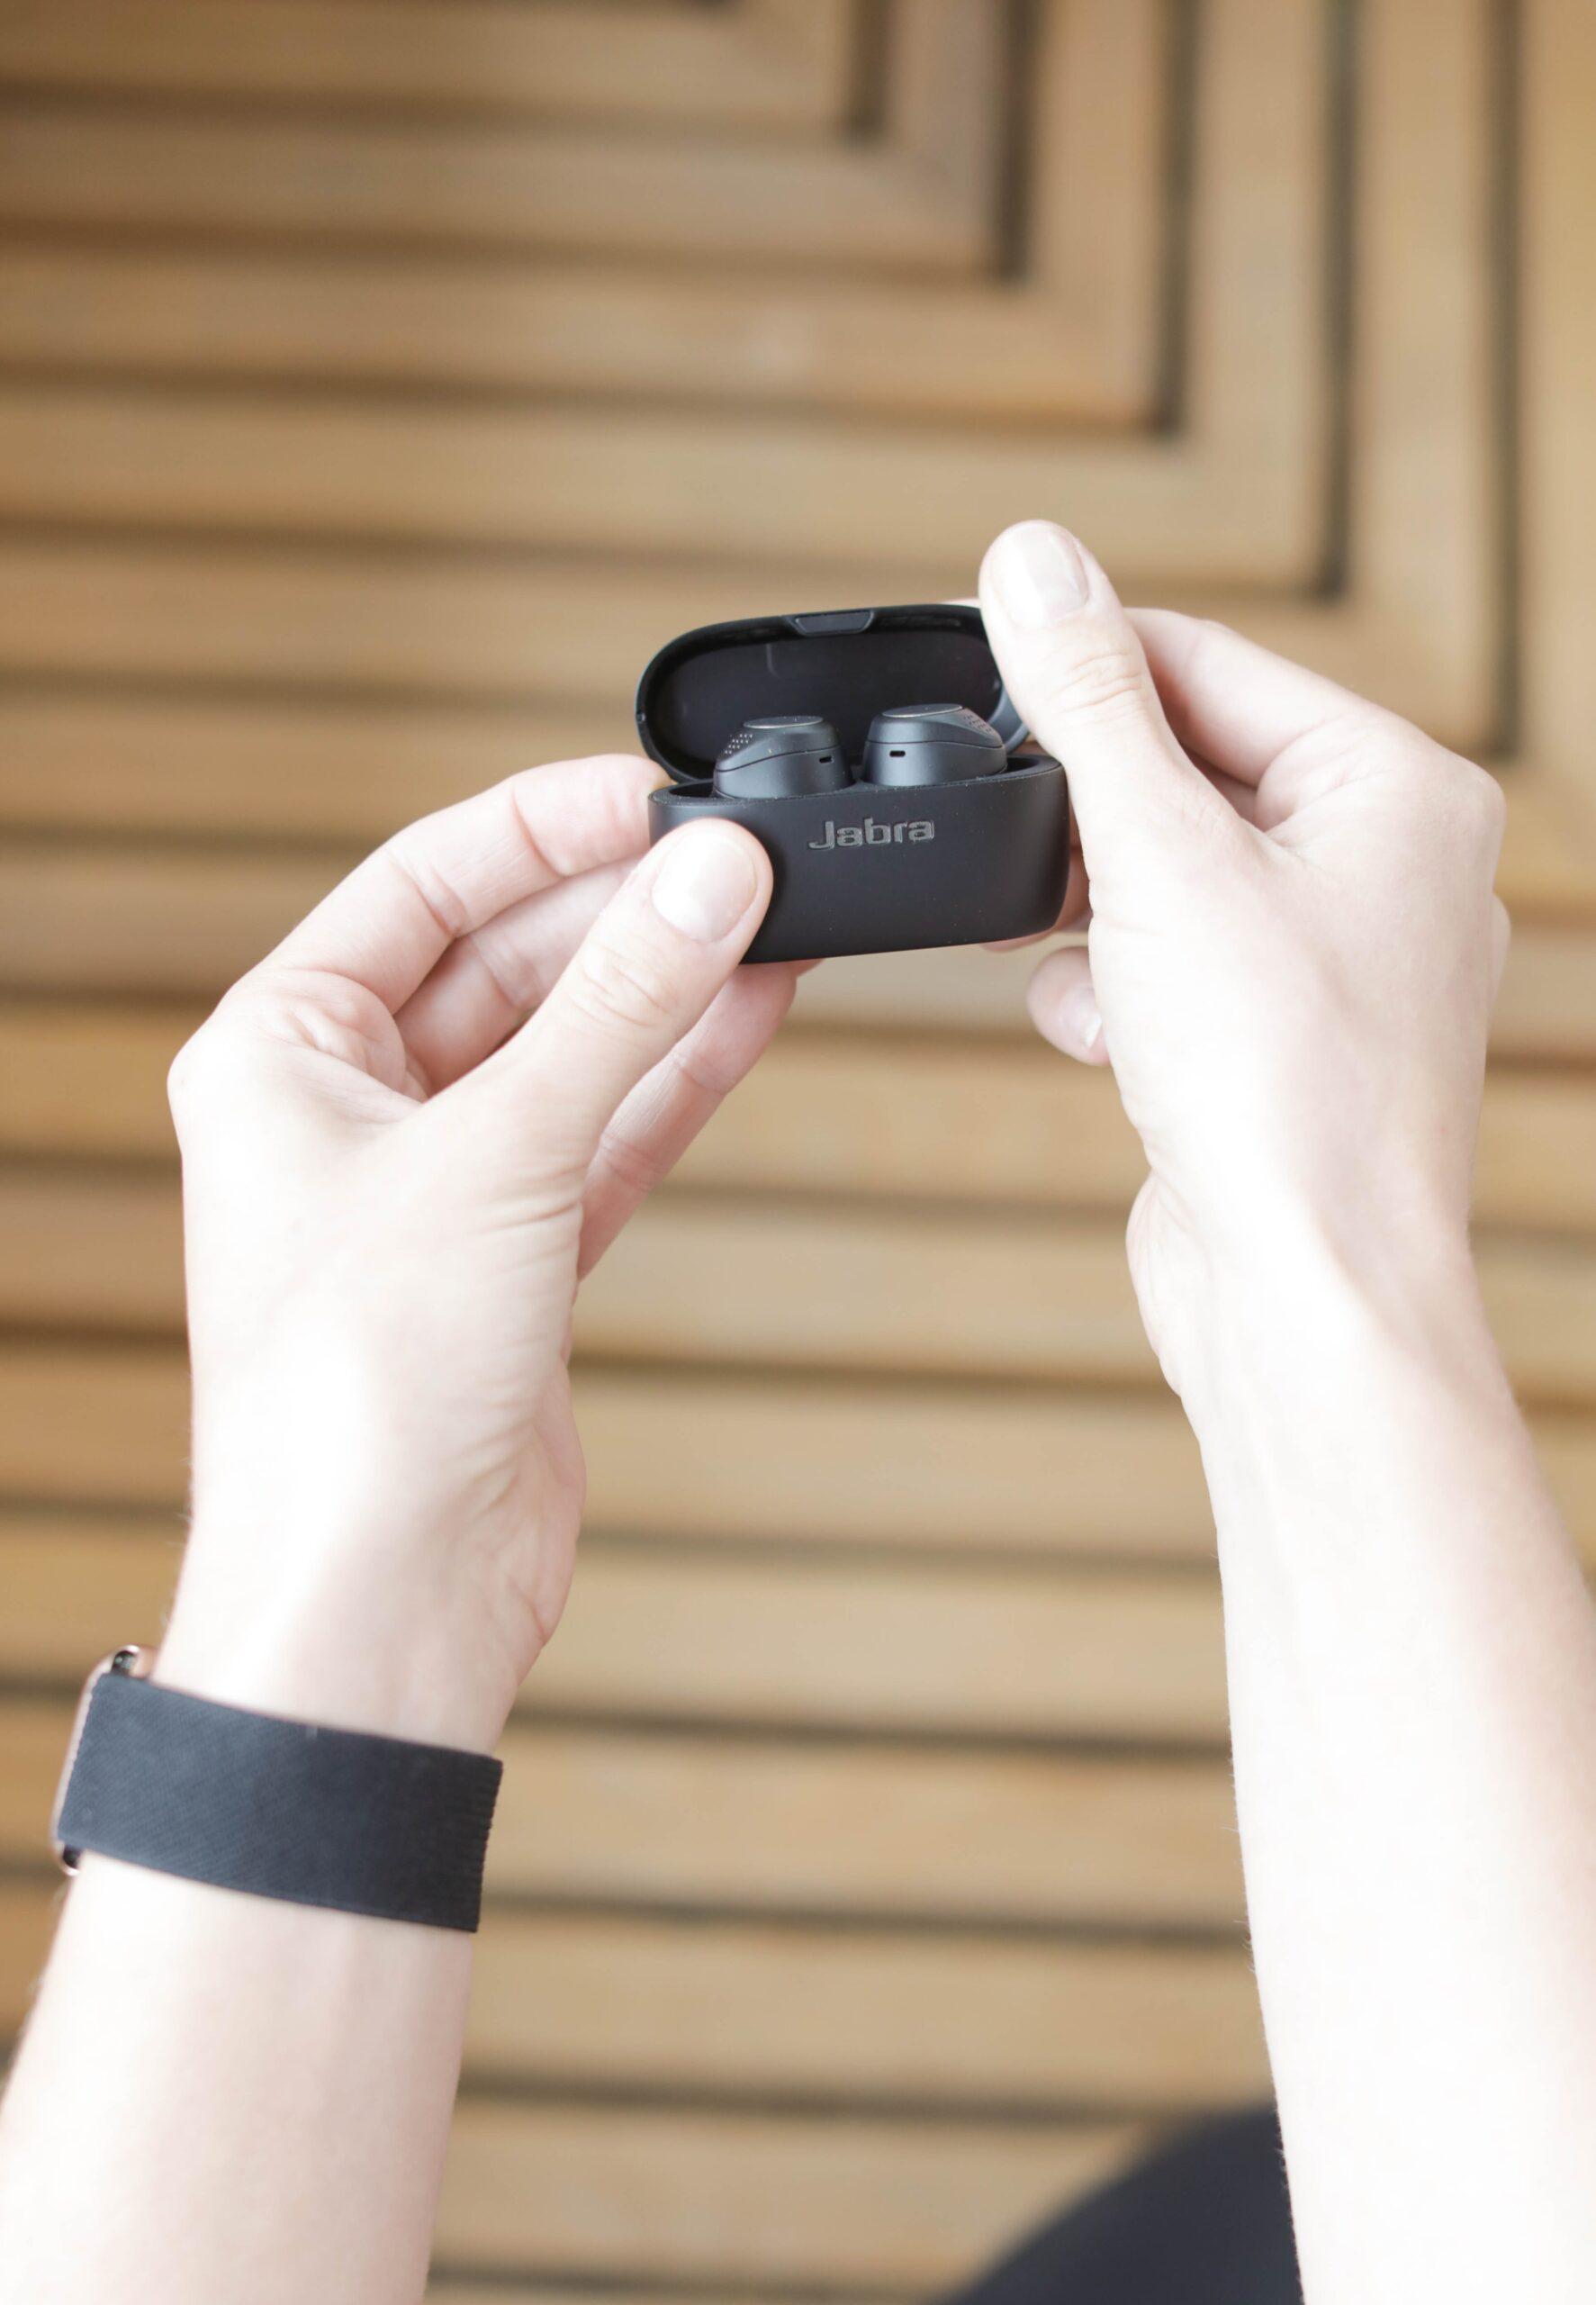 Undgå unødvendigt støj med et headset